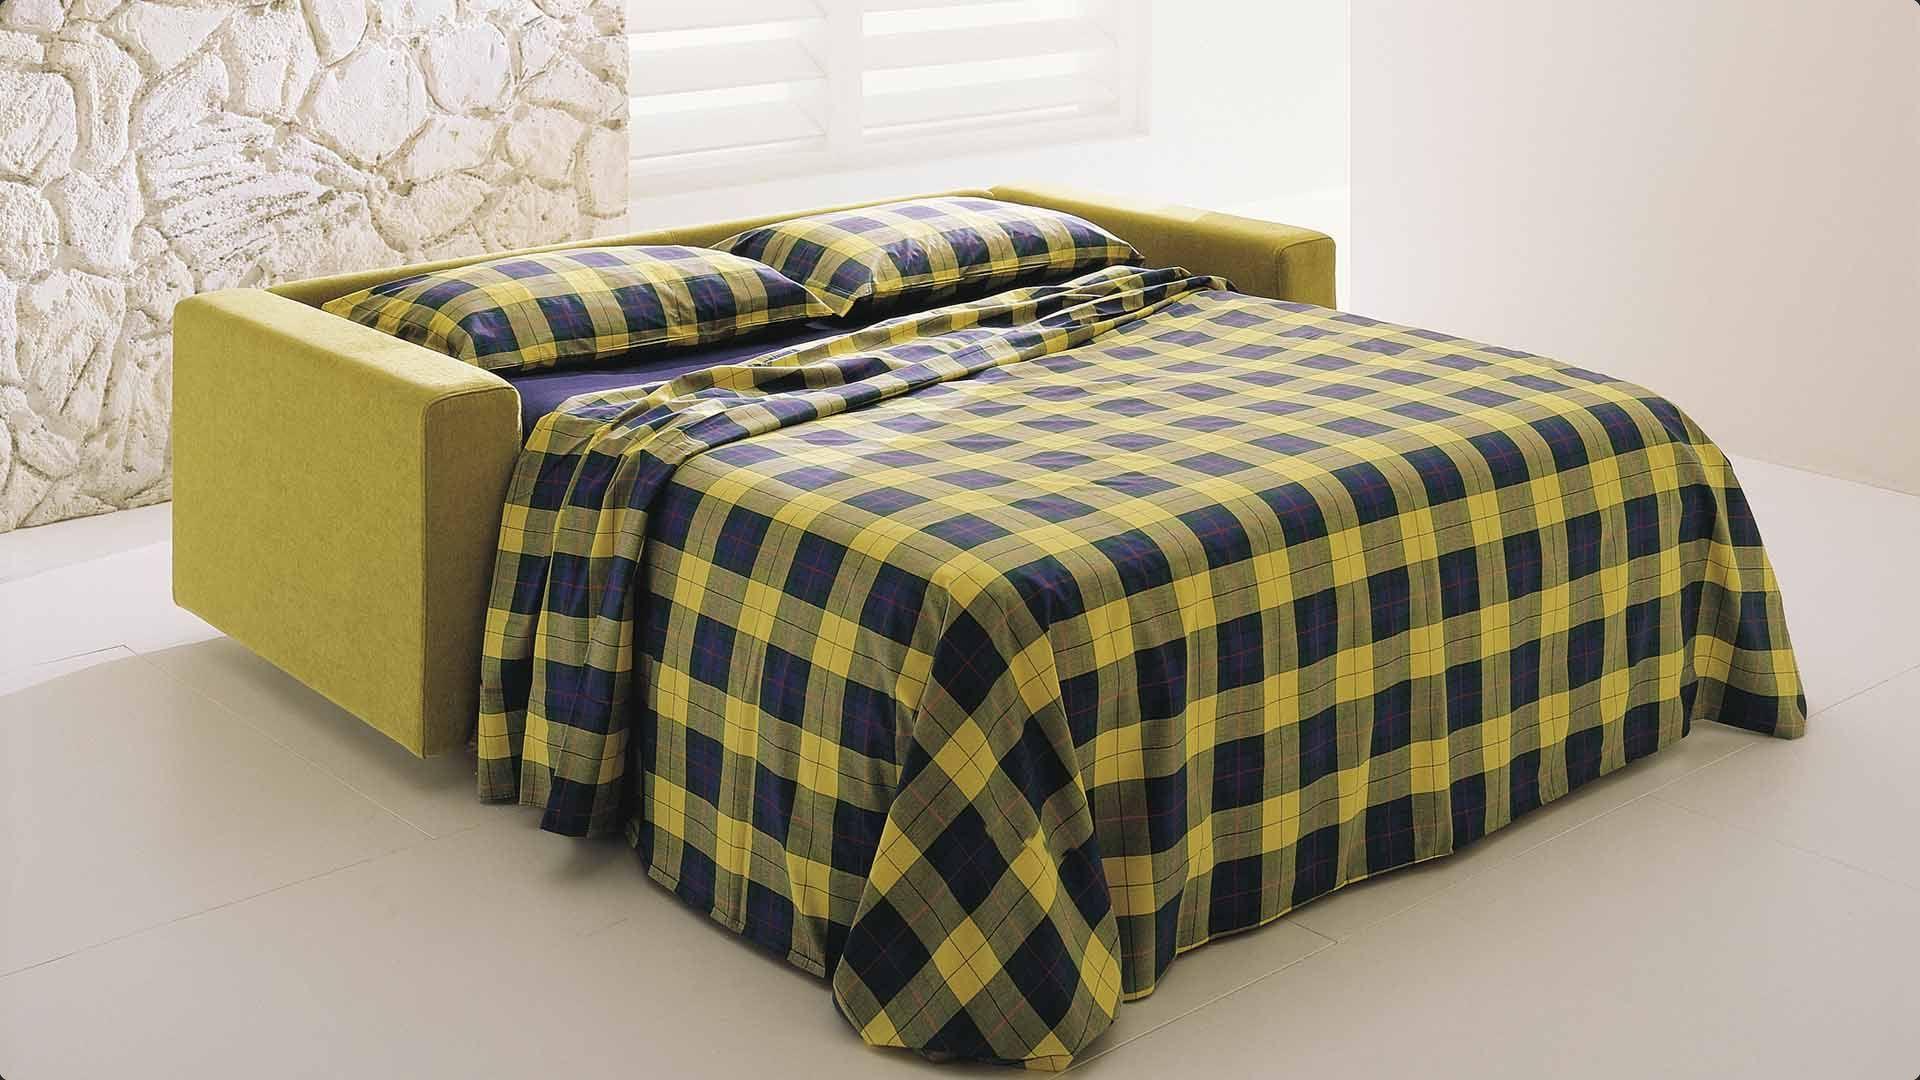 Divano letto lissone 28 images emejing fabbrica divani for Mariani arredamenti lissone